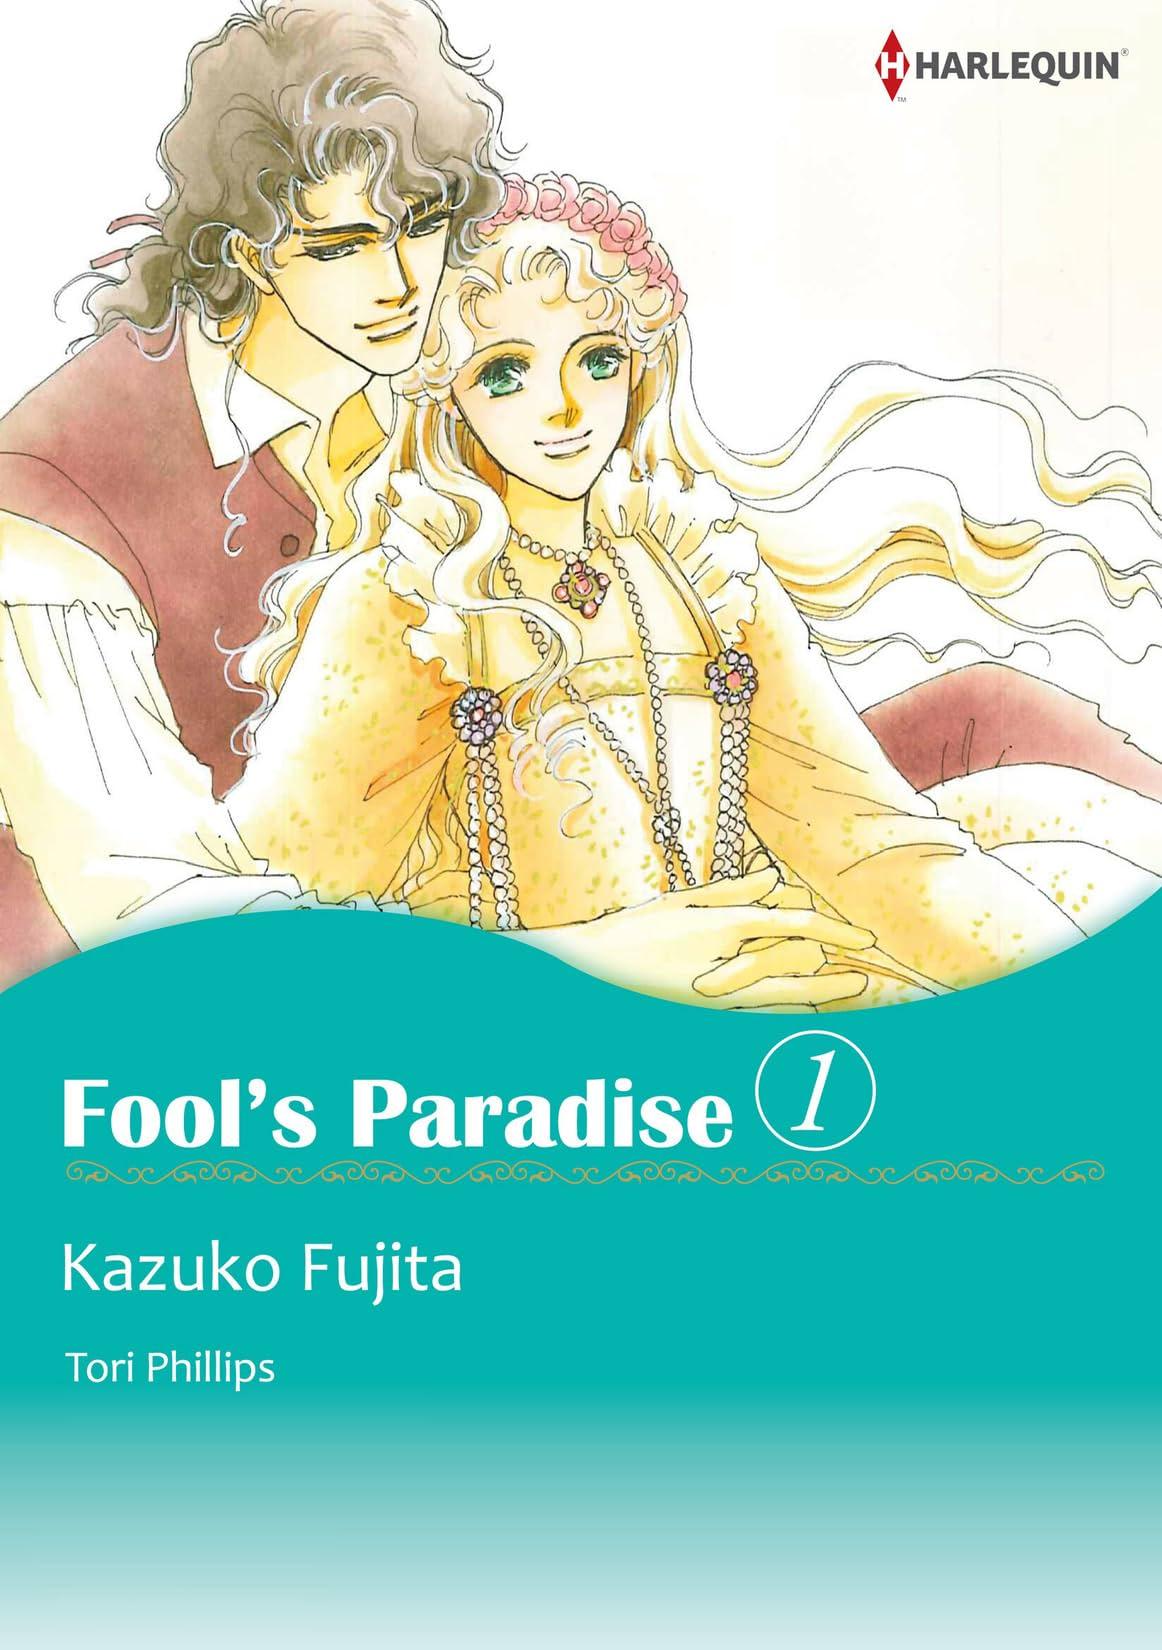 Fool's Paradise Vol. 1